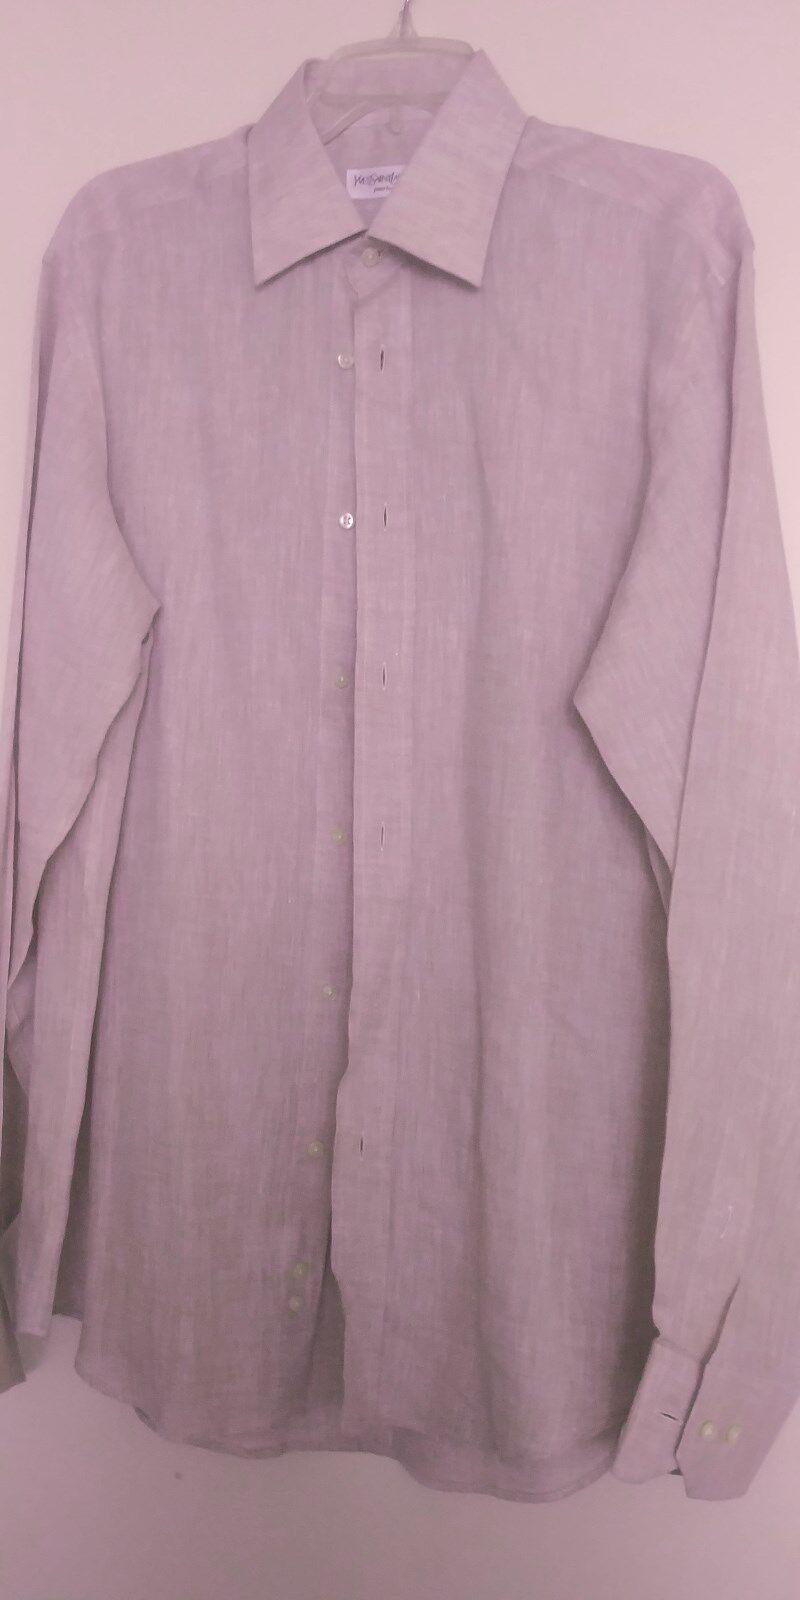 YVESSAINTLAURENT LINEN DRESS SHIRT SIZE 16.5 395 SAKSFIFTH AVENUE